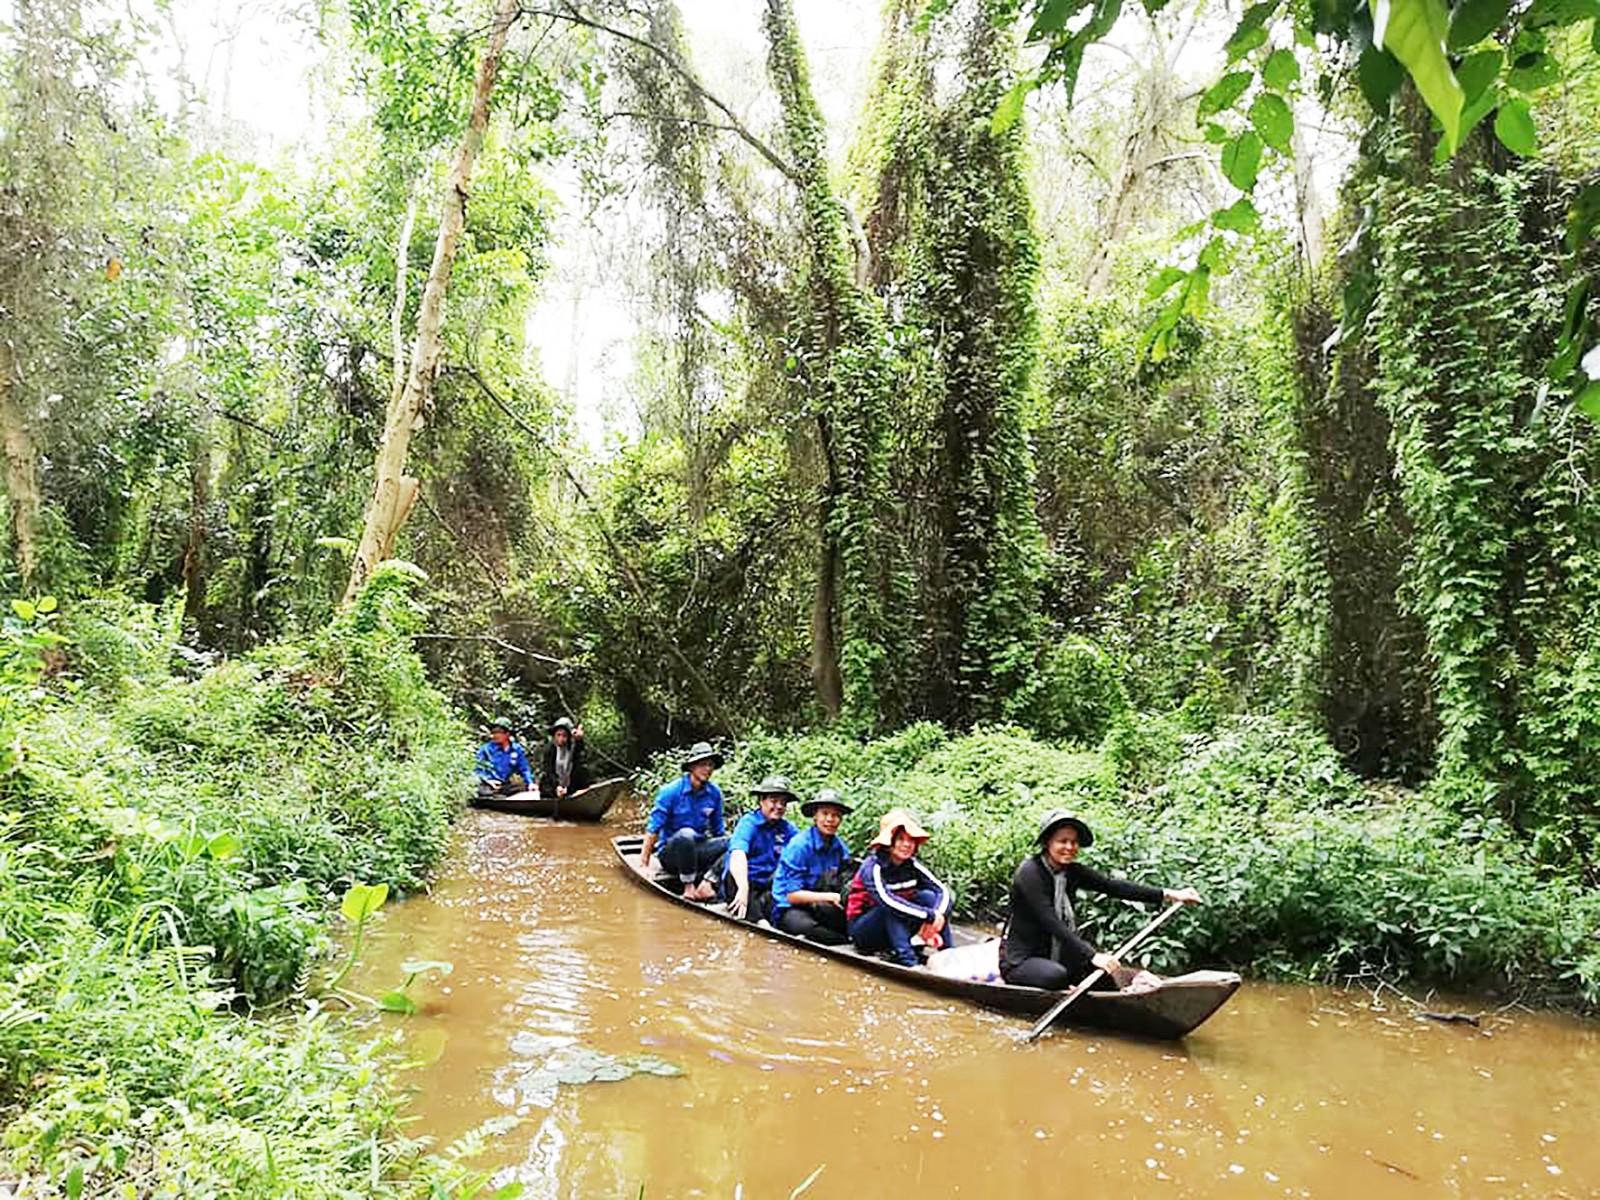 Khách tham quan Khu di tích Xẻo Quýt, tỉnh Đồng Tháp.